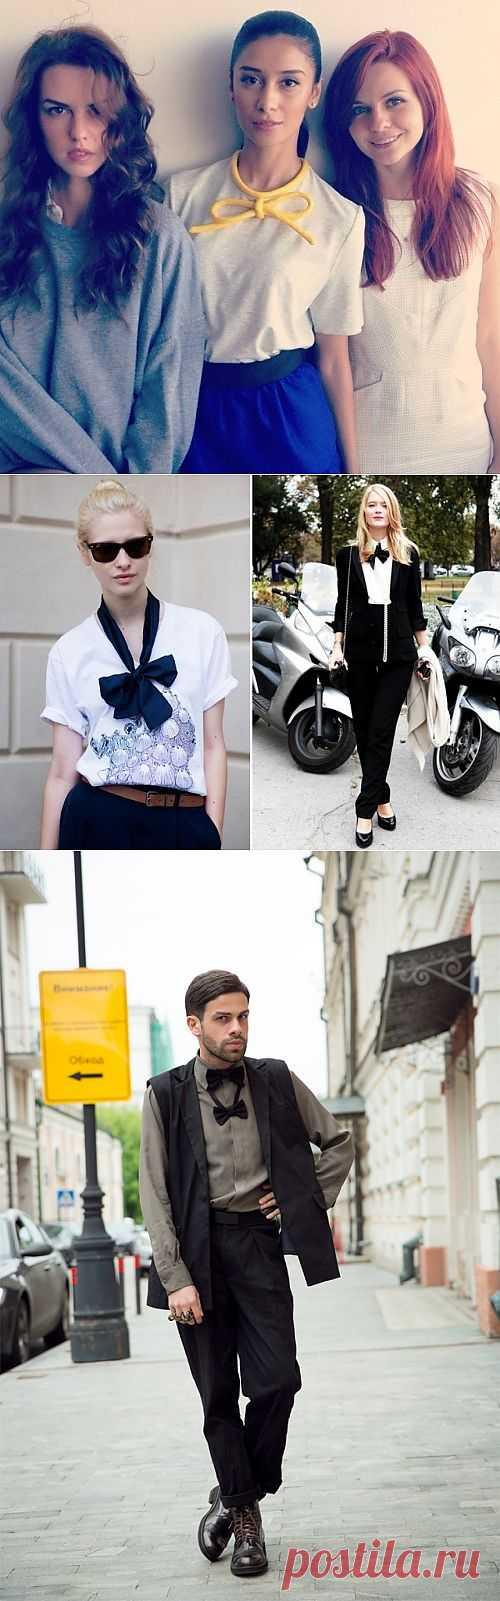 Бантики в моде (подборка) / Тенденции / Модный сайт о стильной переделке одежды и интерьера